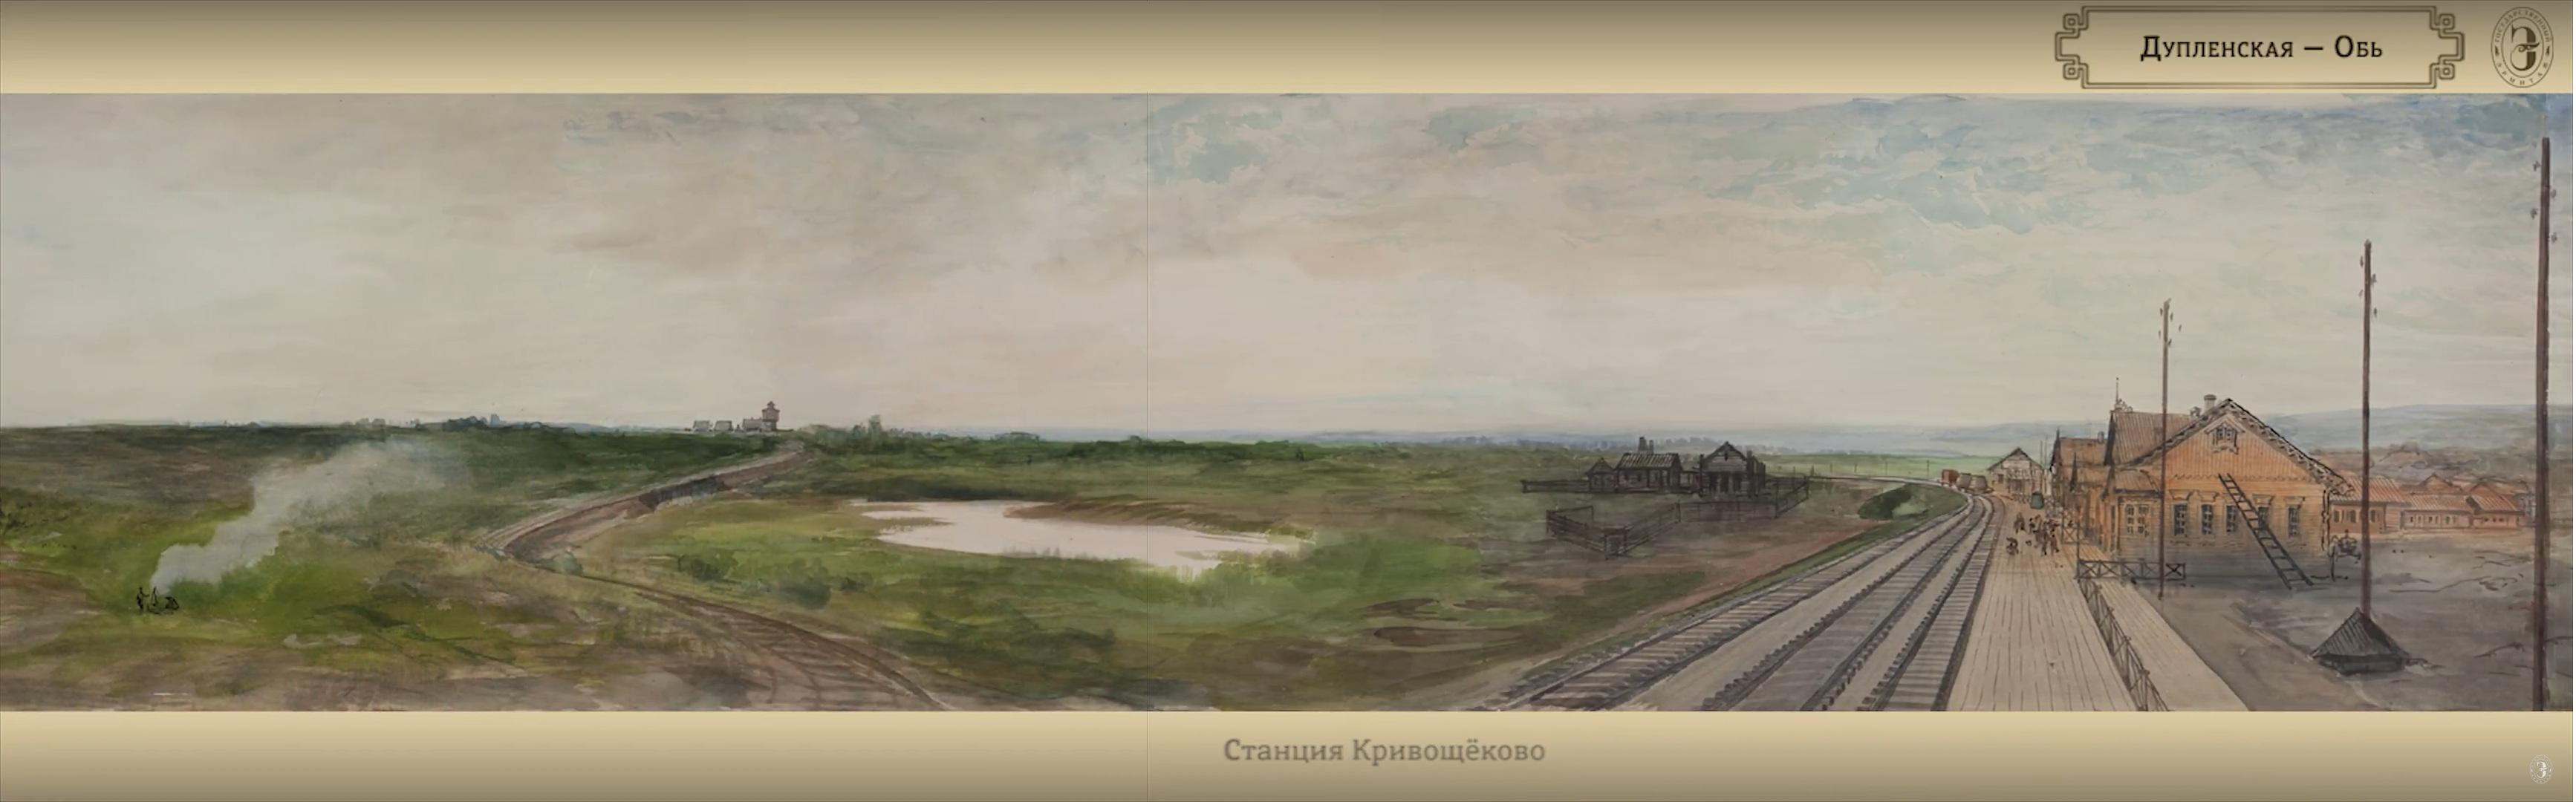 http://images.vfl.ru/ii/1611382646/df5fd1a4/33063670.jpg